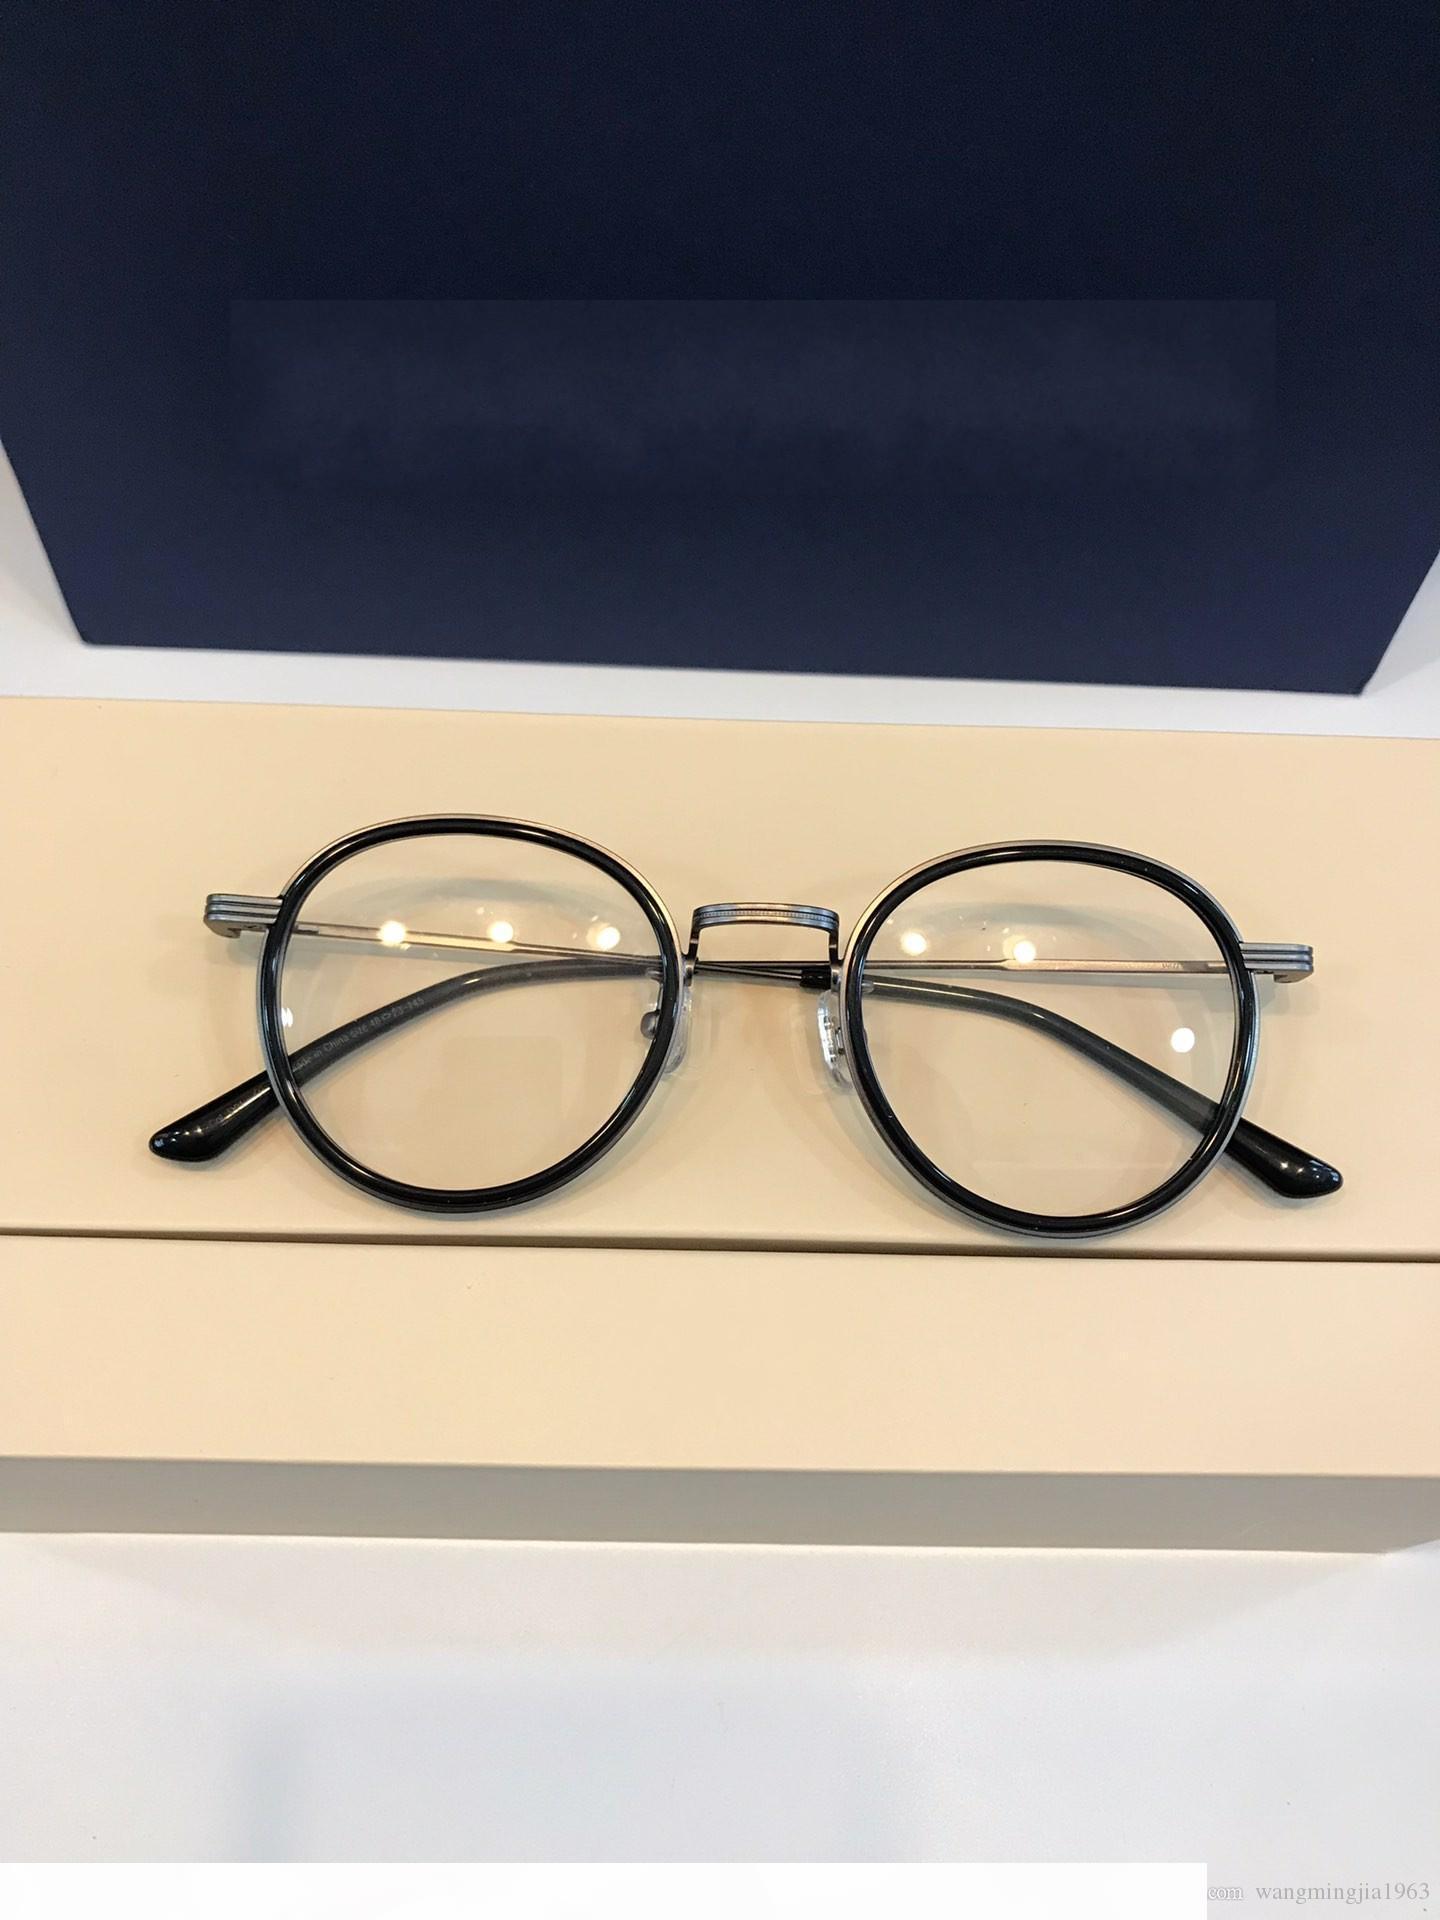 Nuove degli occhiali chiaro occhiali lenti telaio ristabilisce oculos de grau uomini e donne di miopia di vetro dell'occhio cornici GM03 con il caso